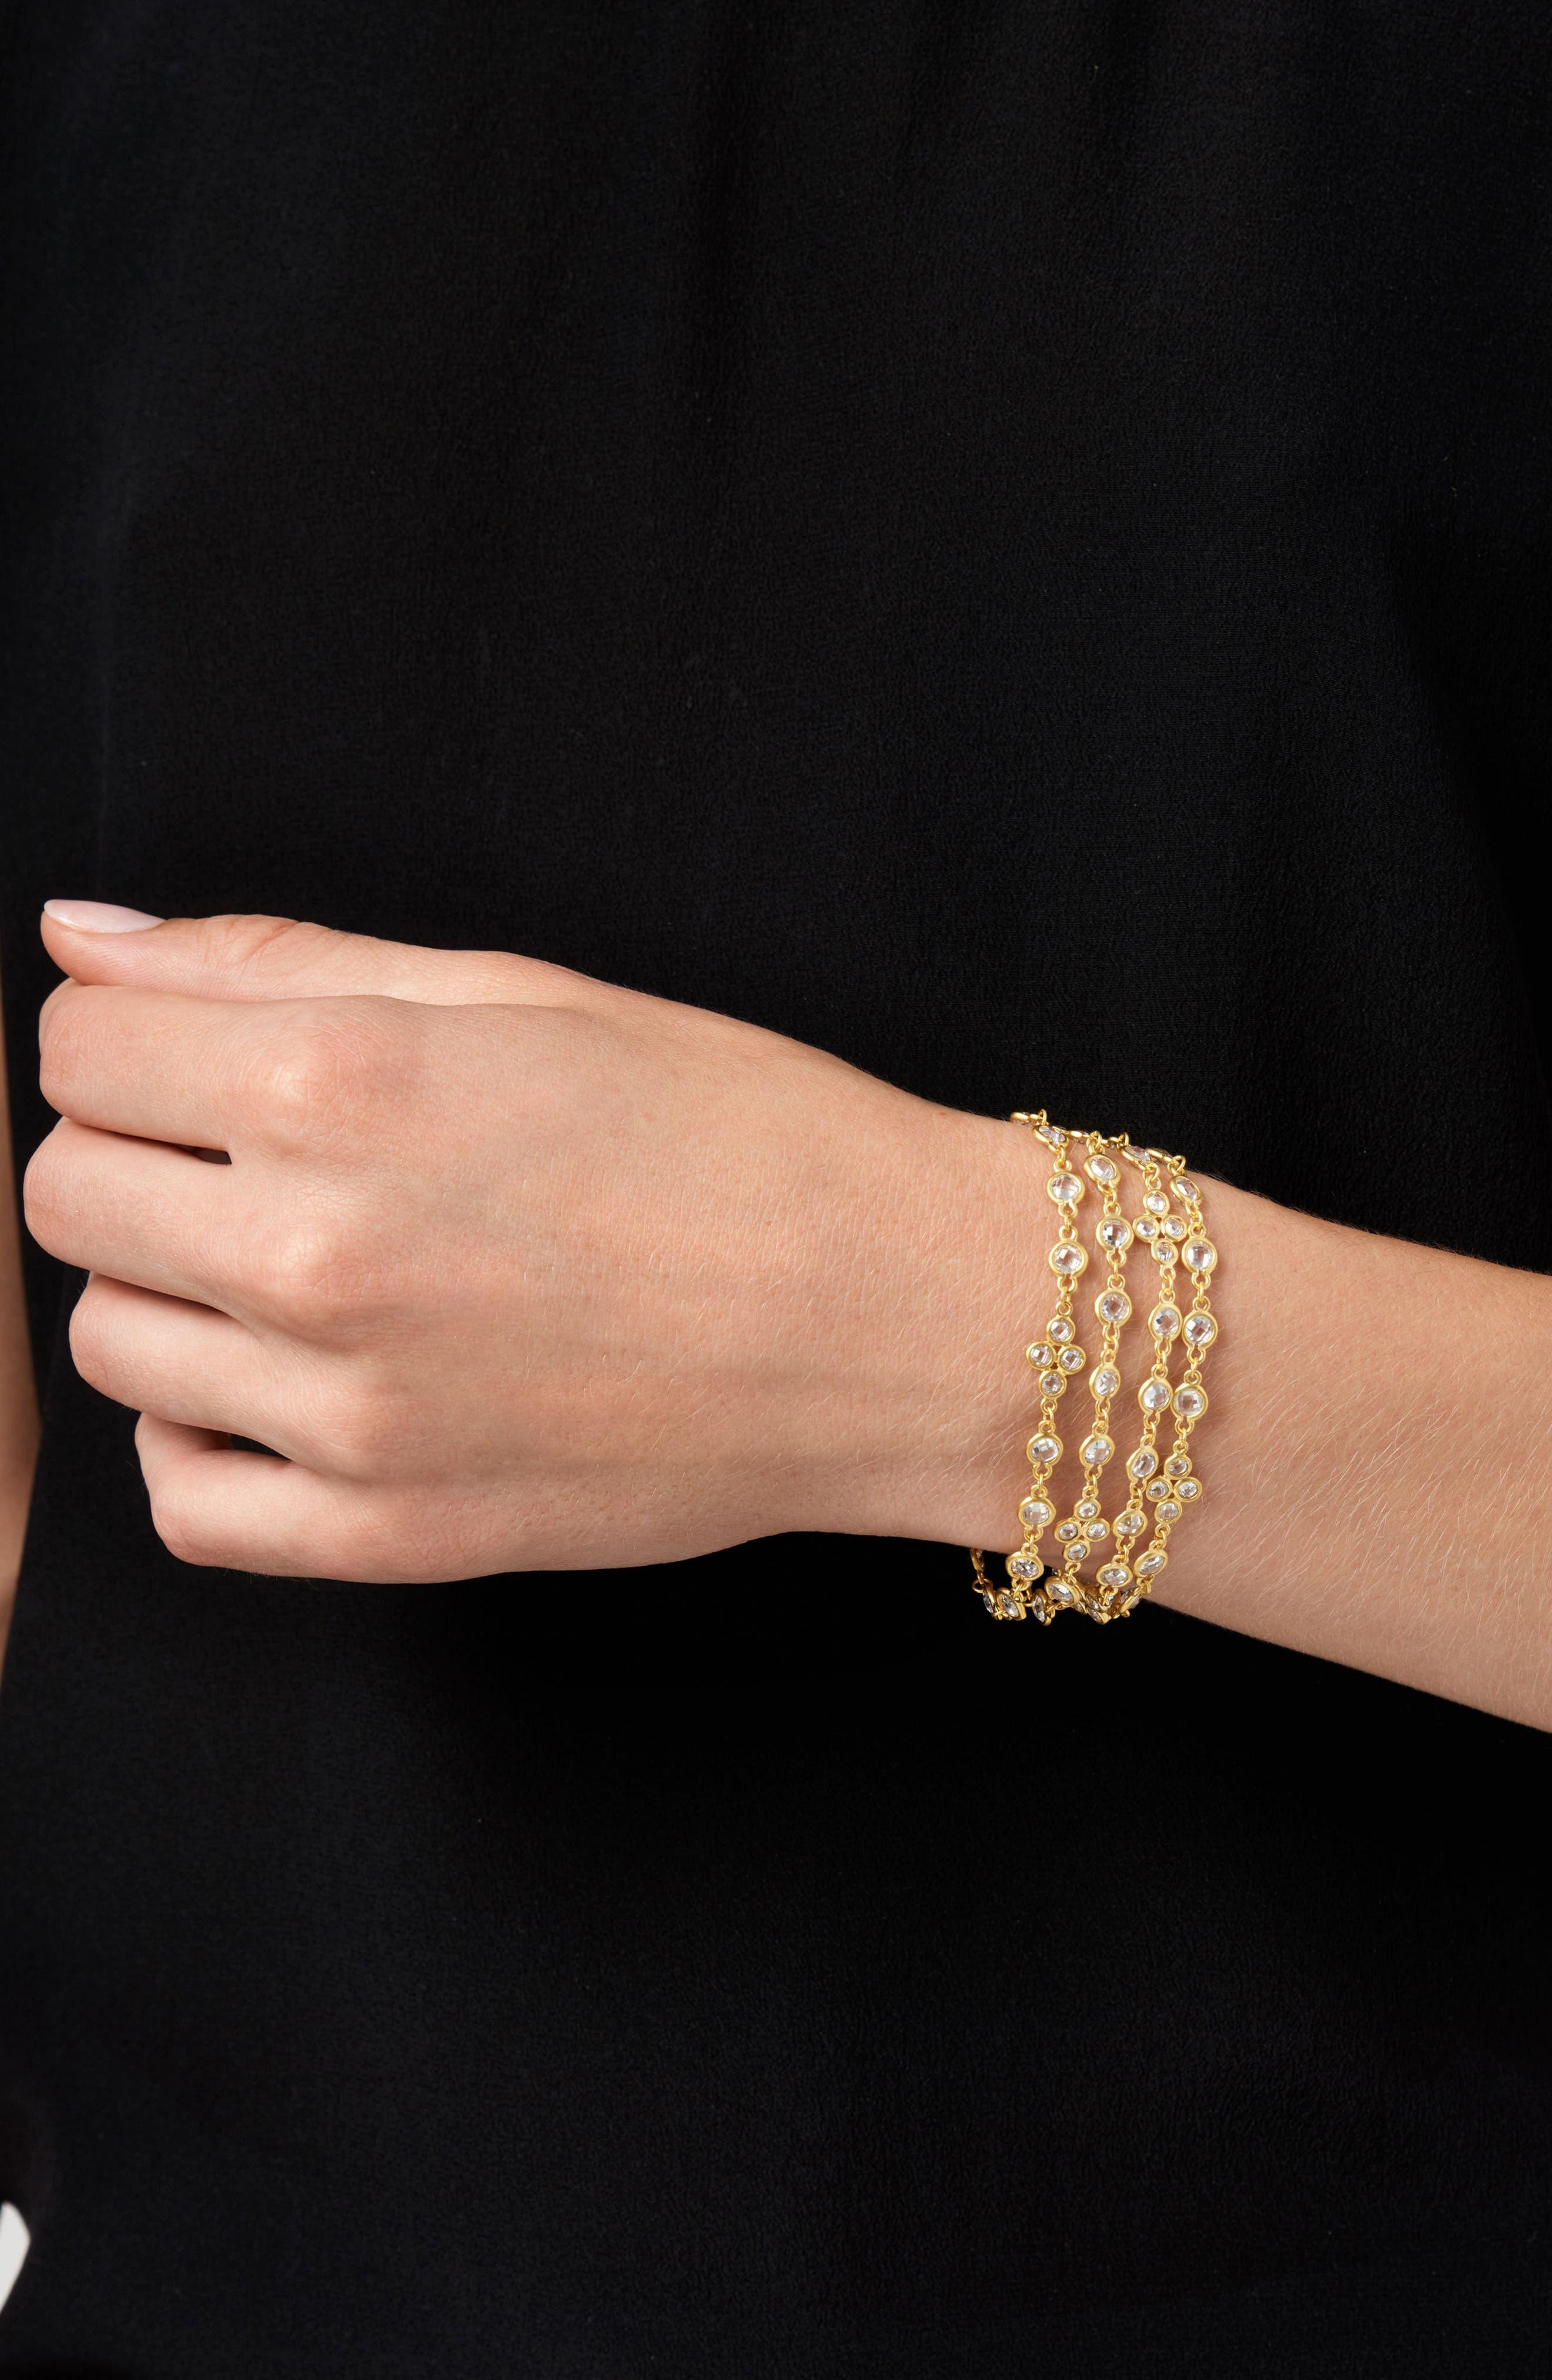 Audrey Radiance Four-Chain Bracelet,                             Alternate thumbnail 3, color,